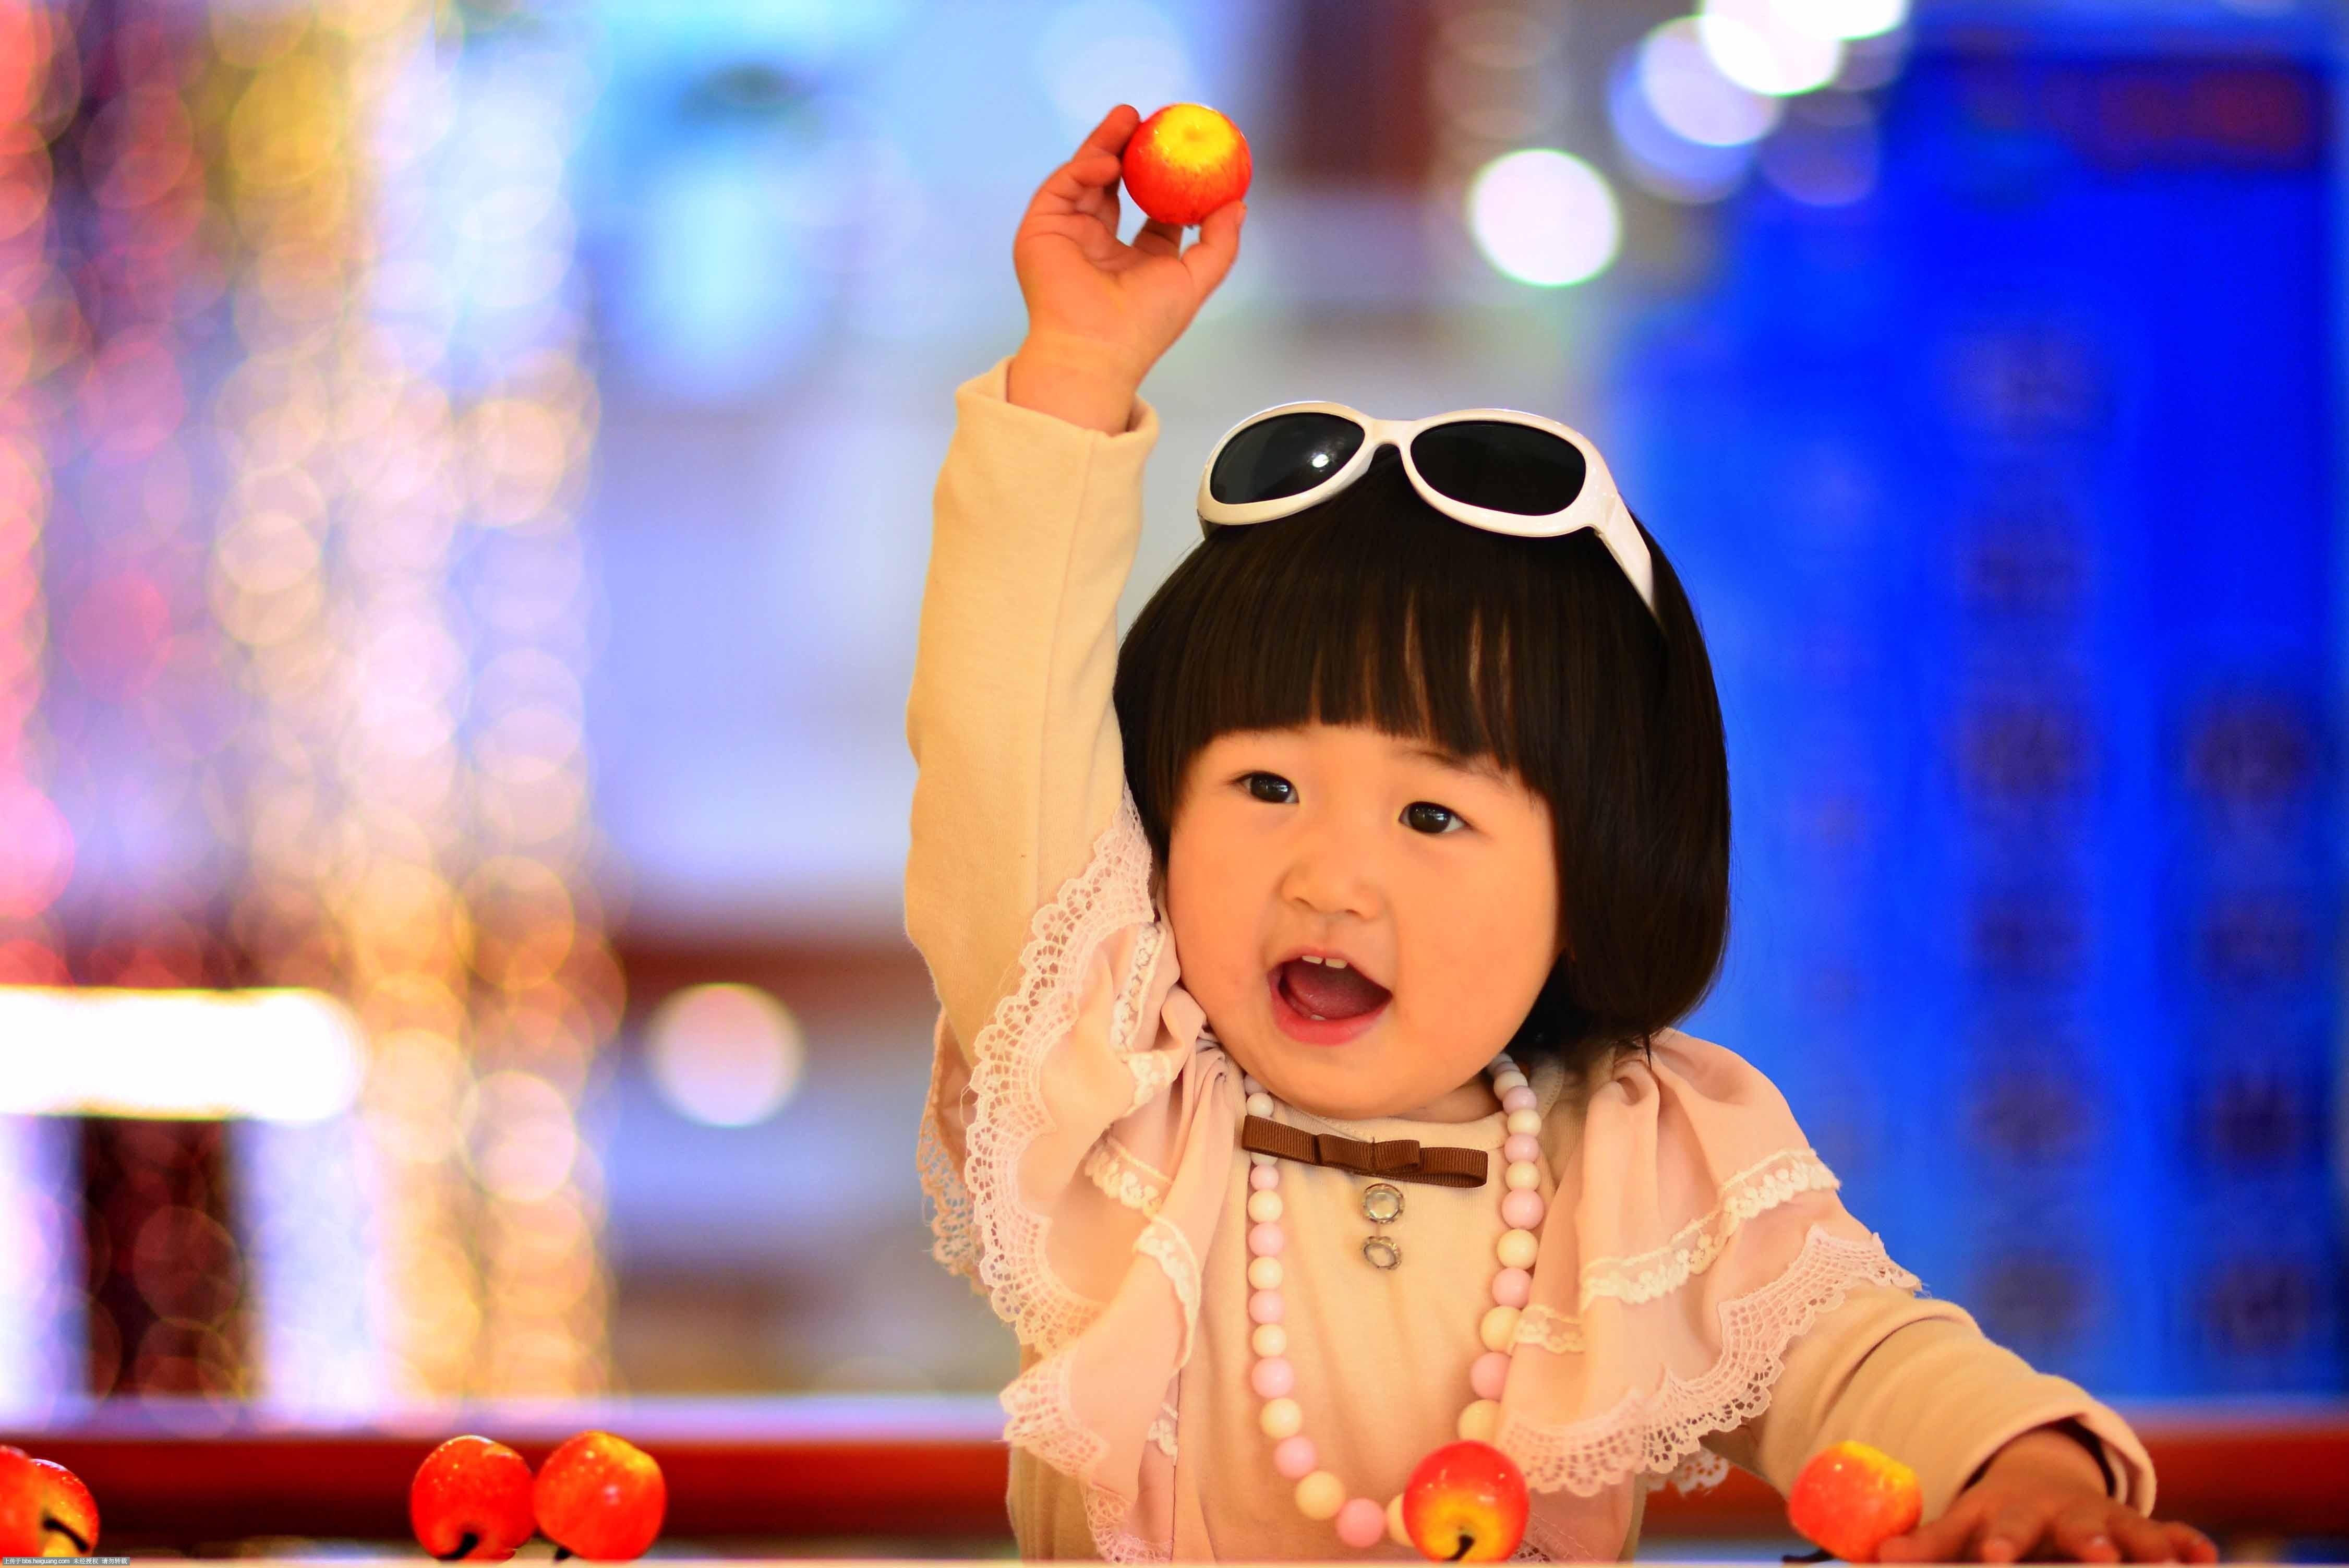 商场外景_儿童摄影作品